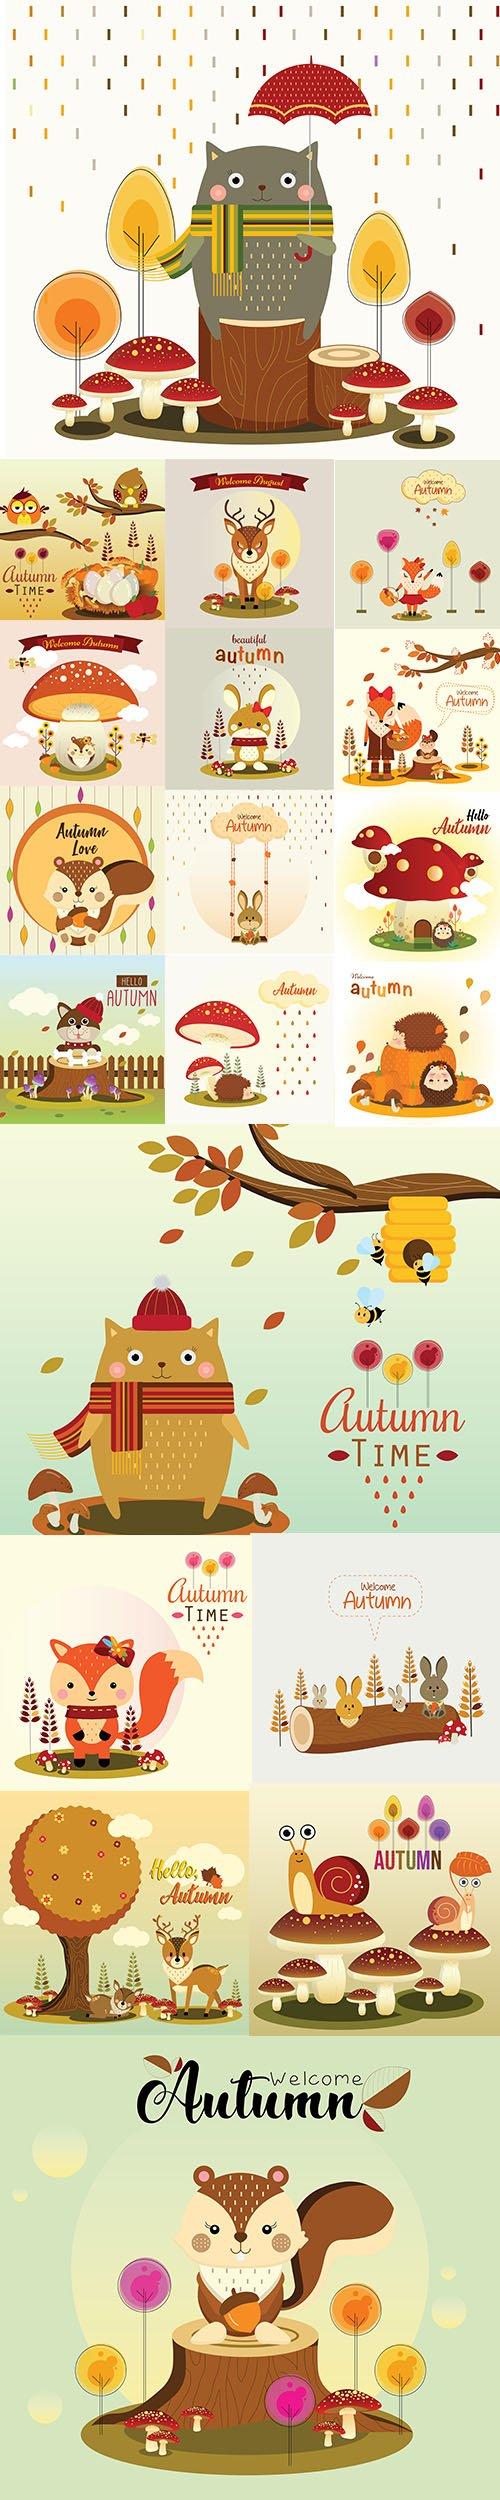 Hello Autumn Illustrations 4